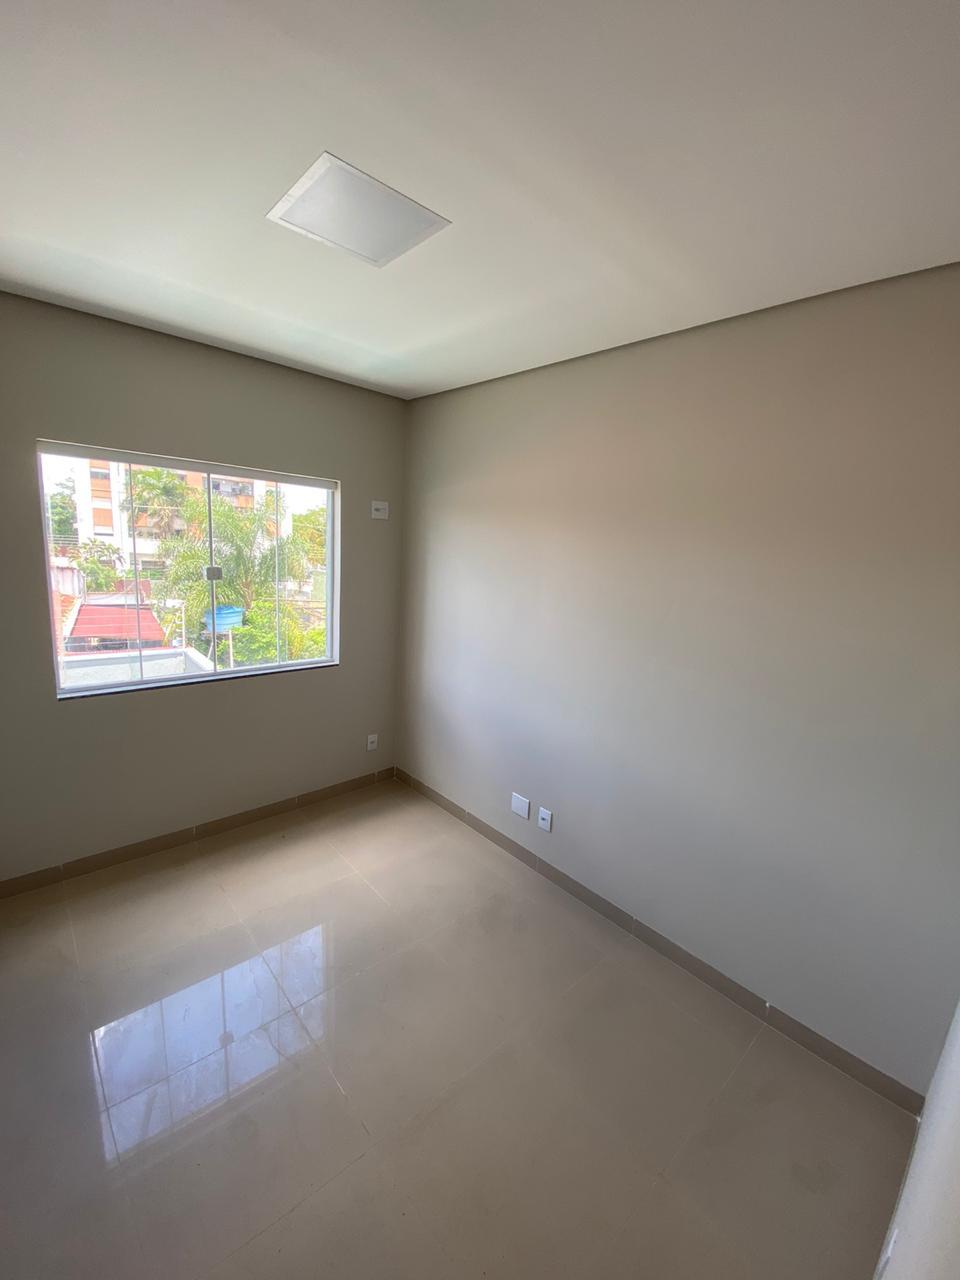 Casa  com 3 quartos sendo 1 Suíte no Quilombro II, Cuiabá  - MT